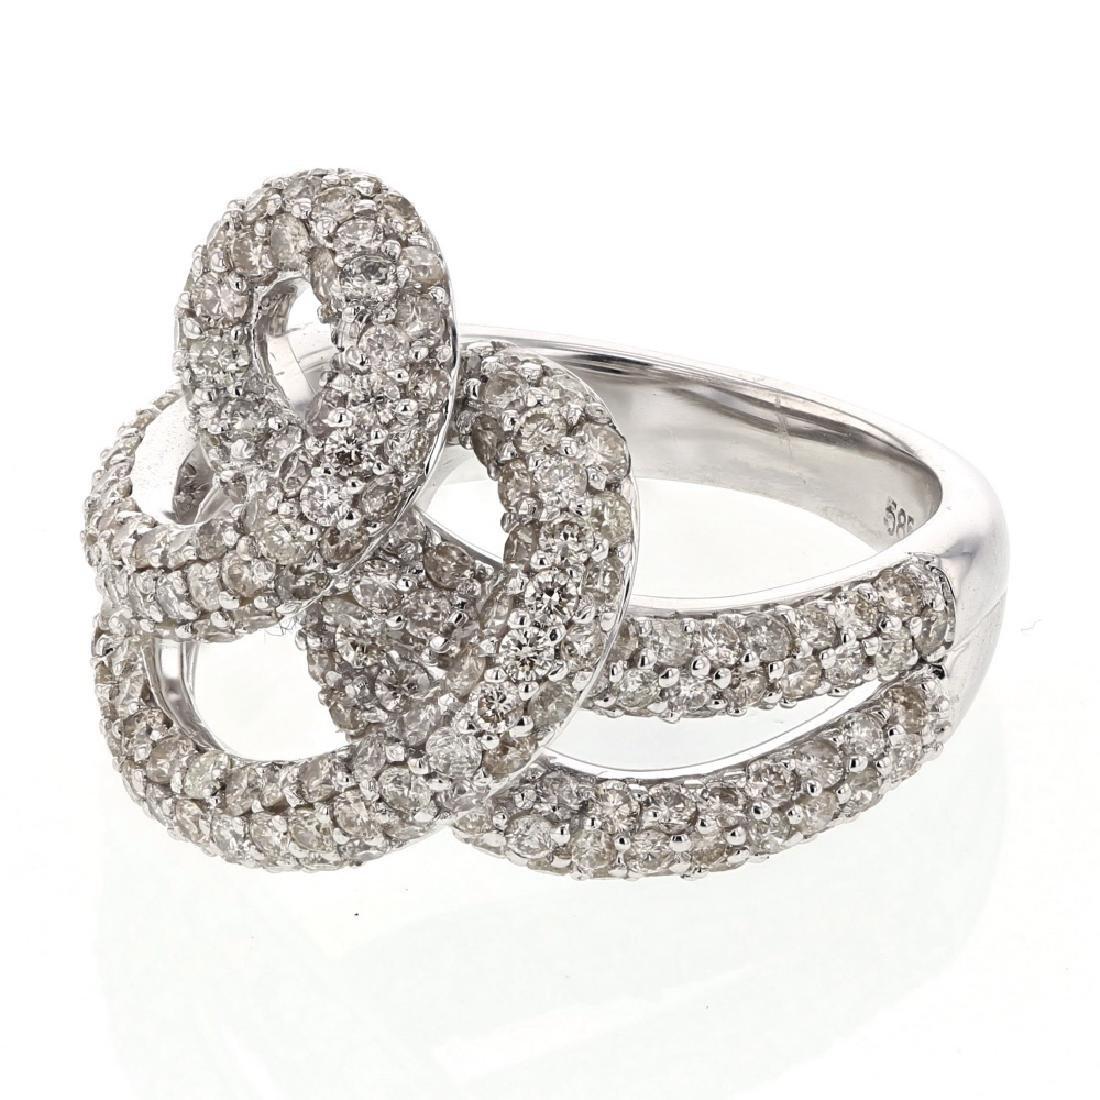 2.75 CTW Diamond Ring 14K White Gold - REF-149R6K